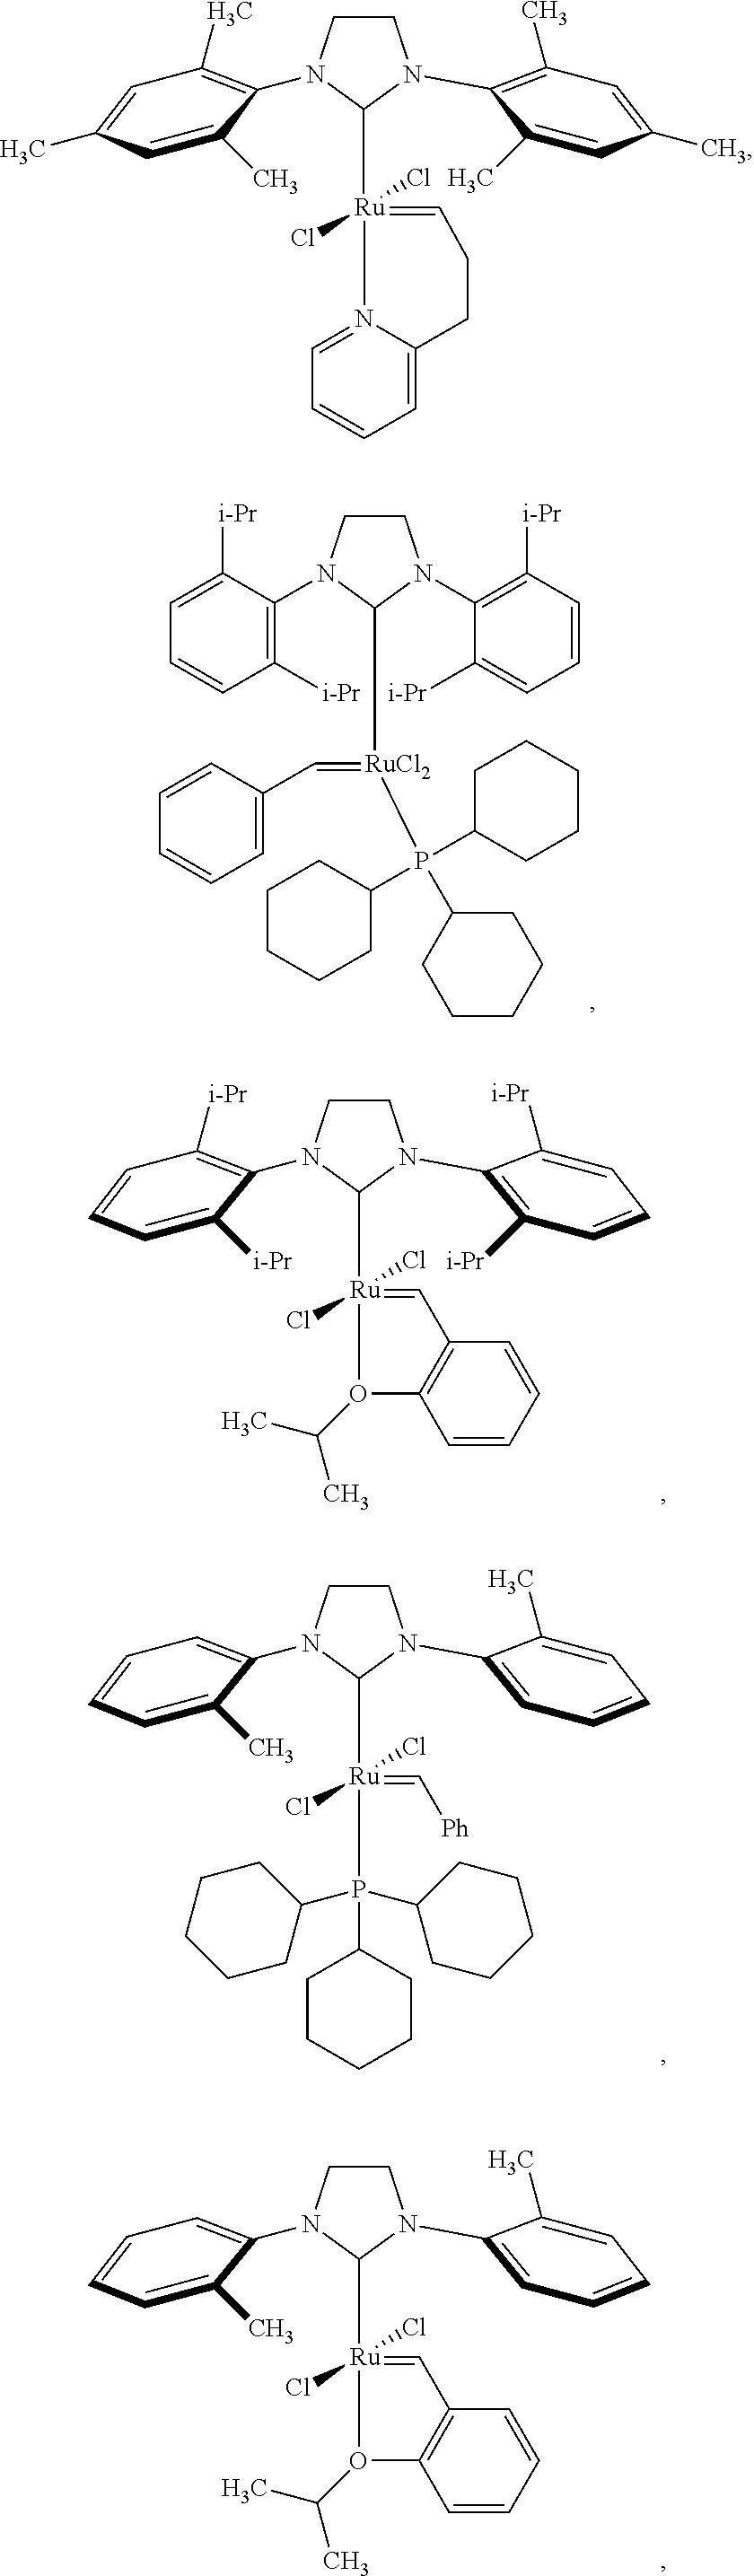 Figure US09630151-20170425-C00009